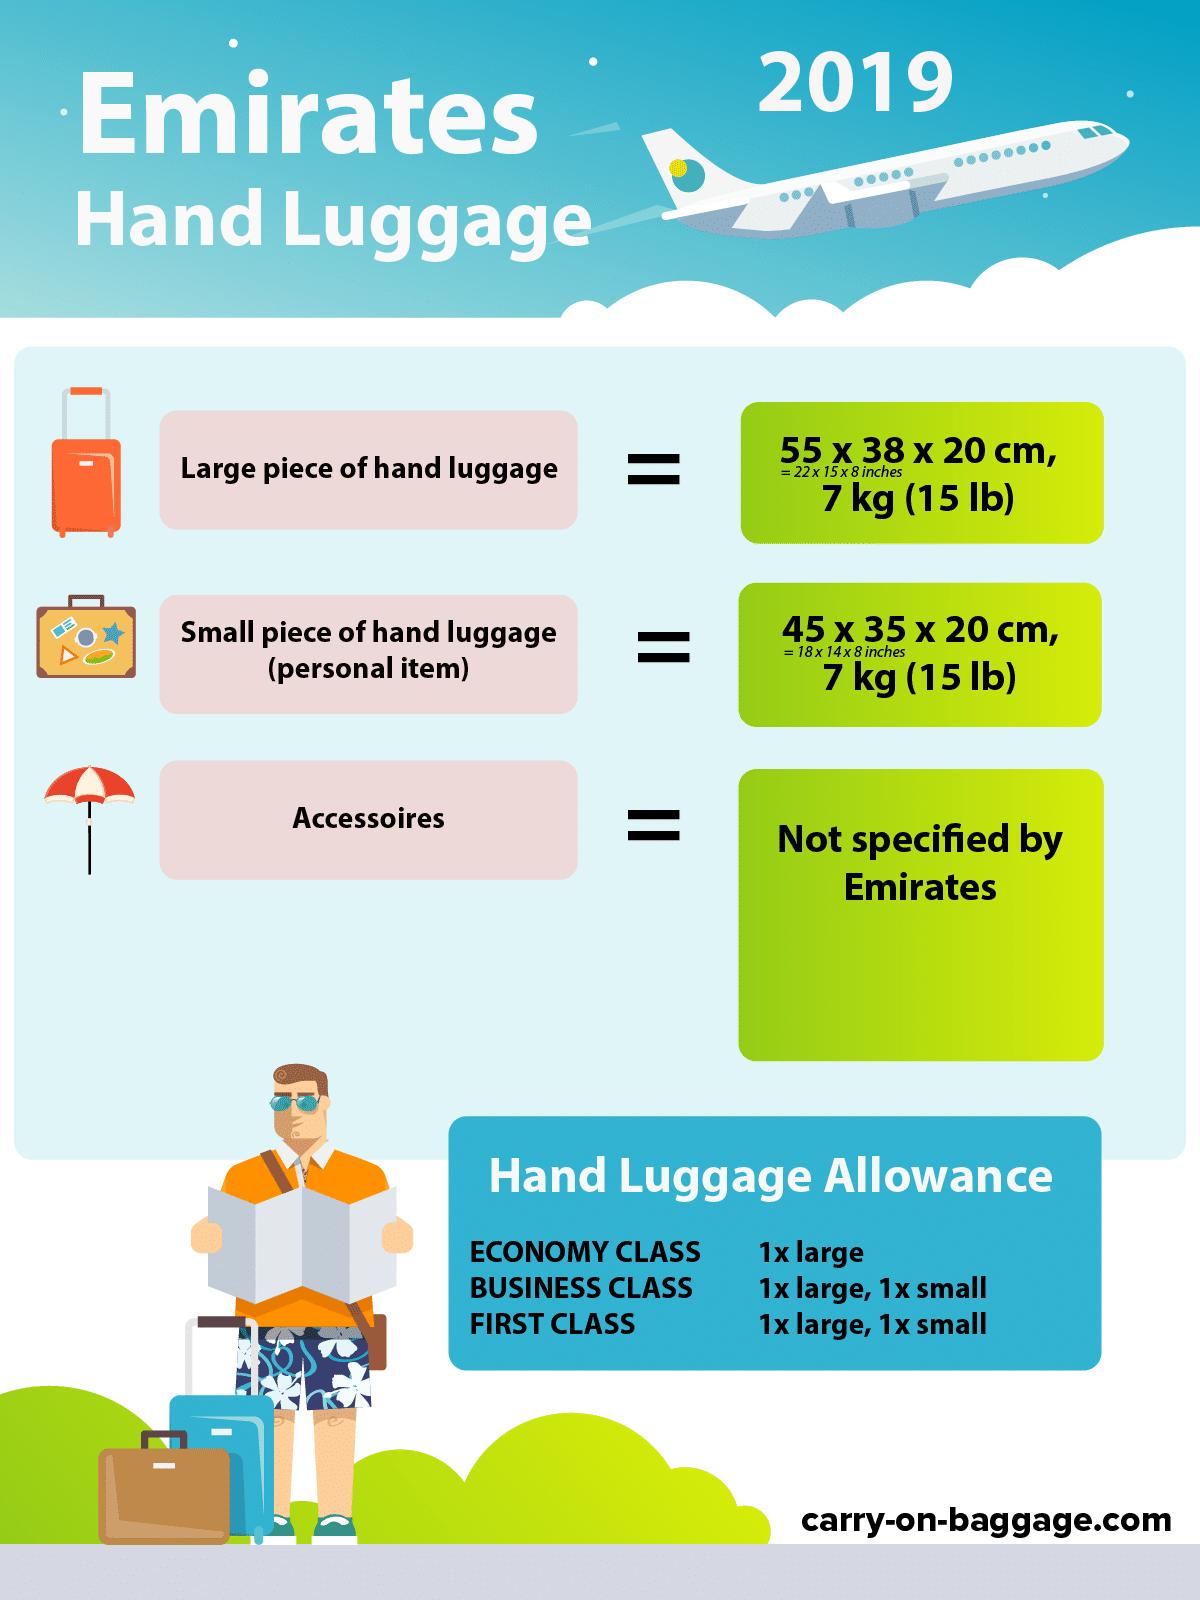 Emirates Hand Luggage Allowance 2019 United Airlines Hand Luggage Luggage Allowance,Zillow Houses For Sale Upstate Ny